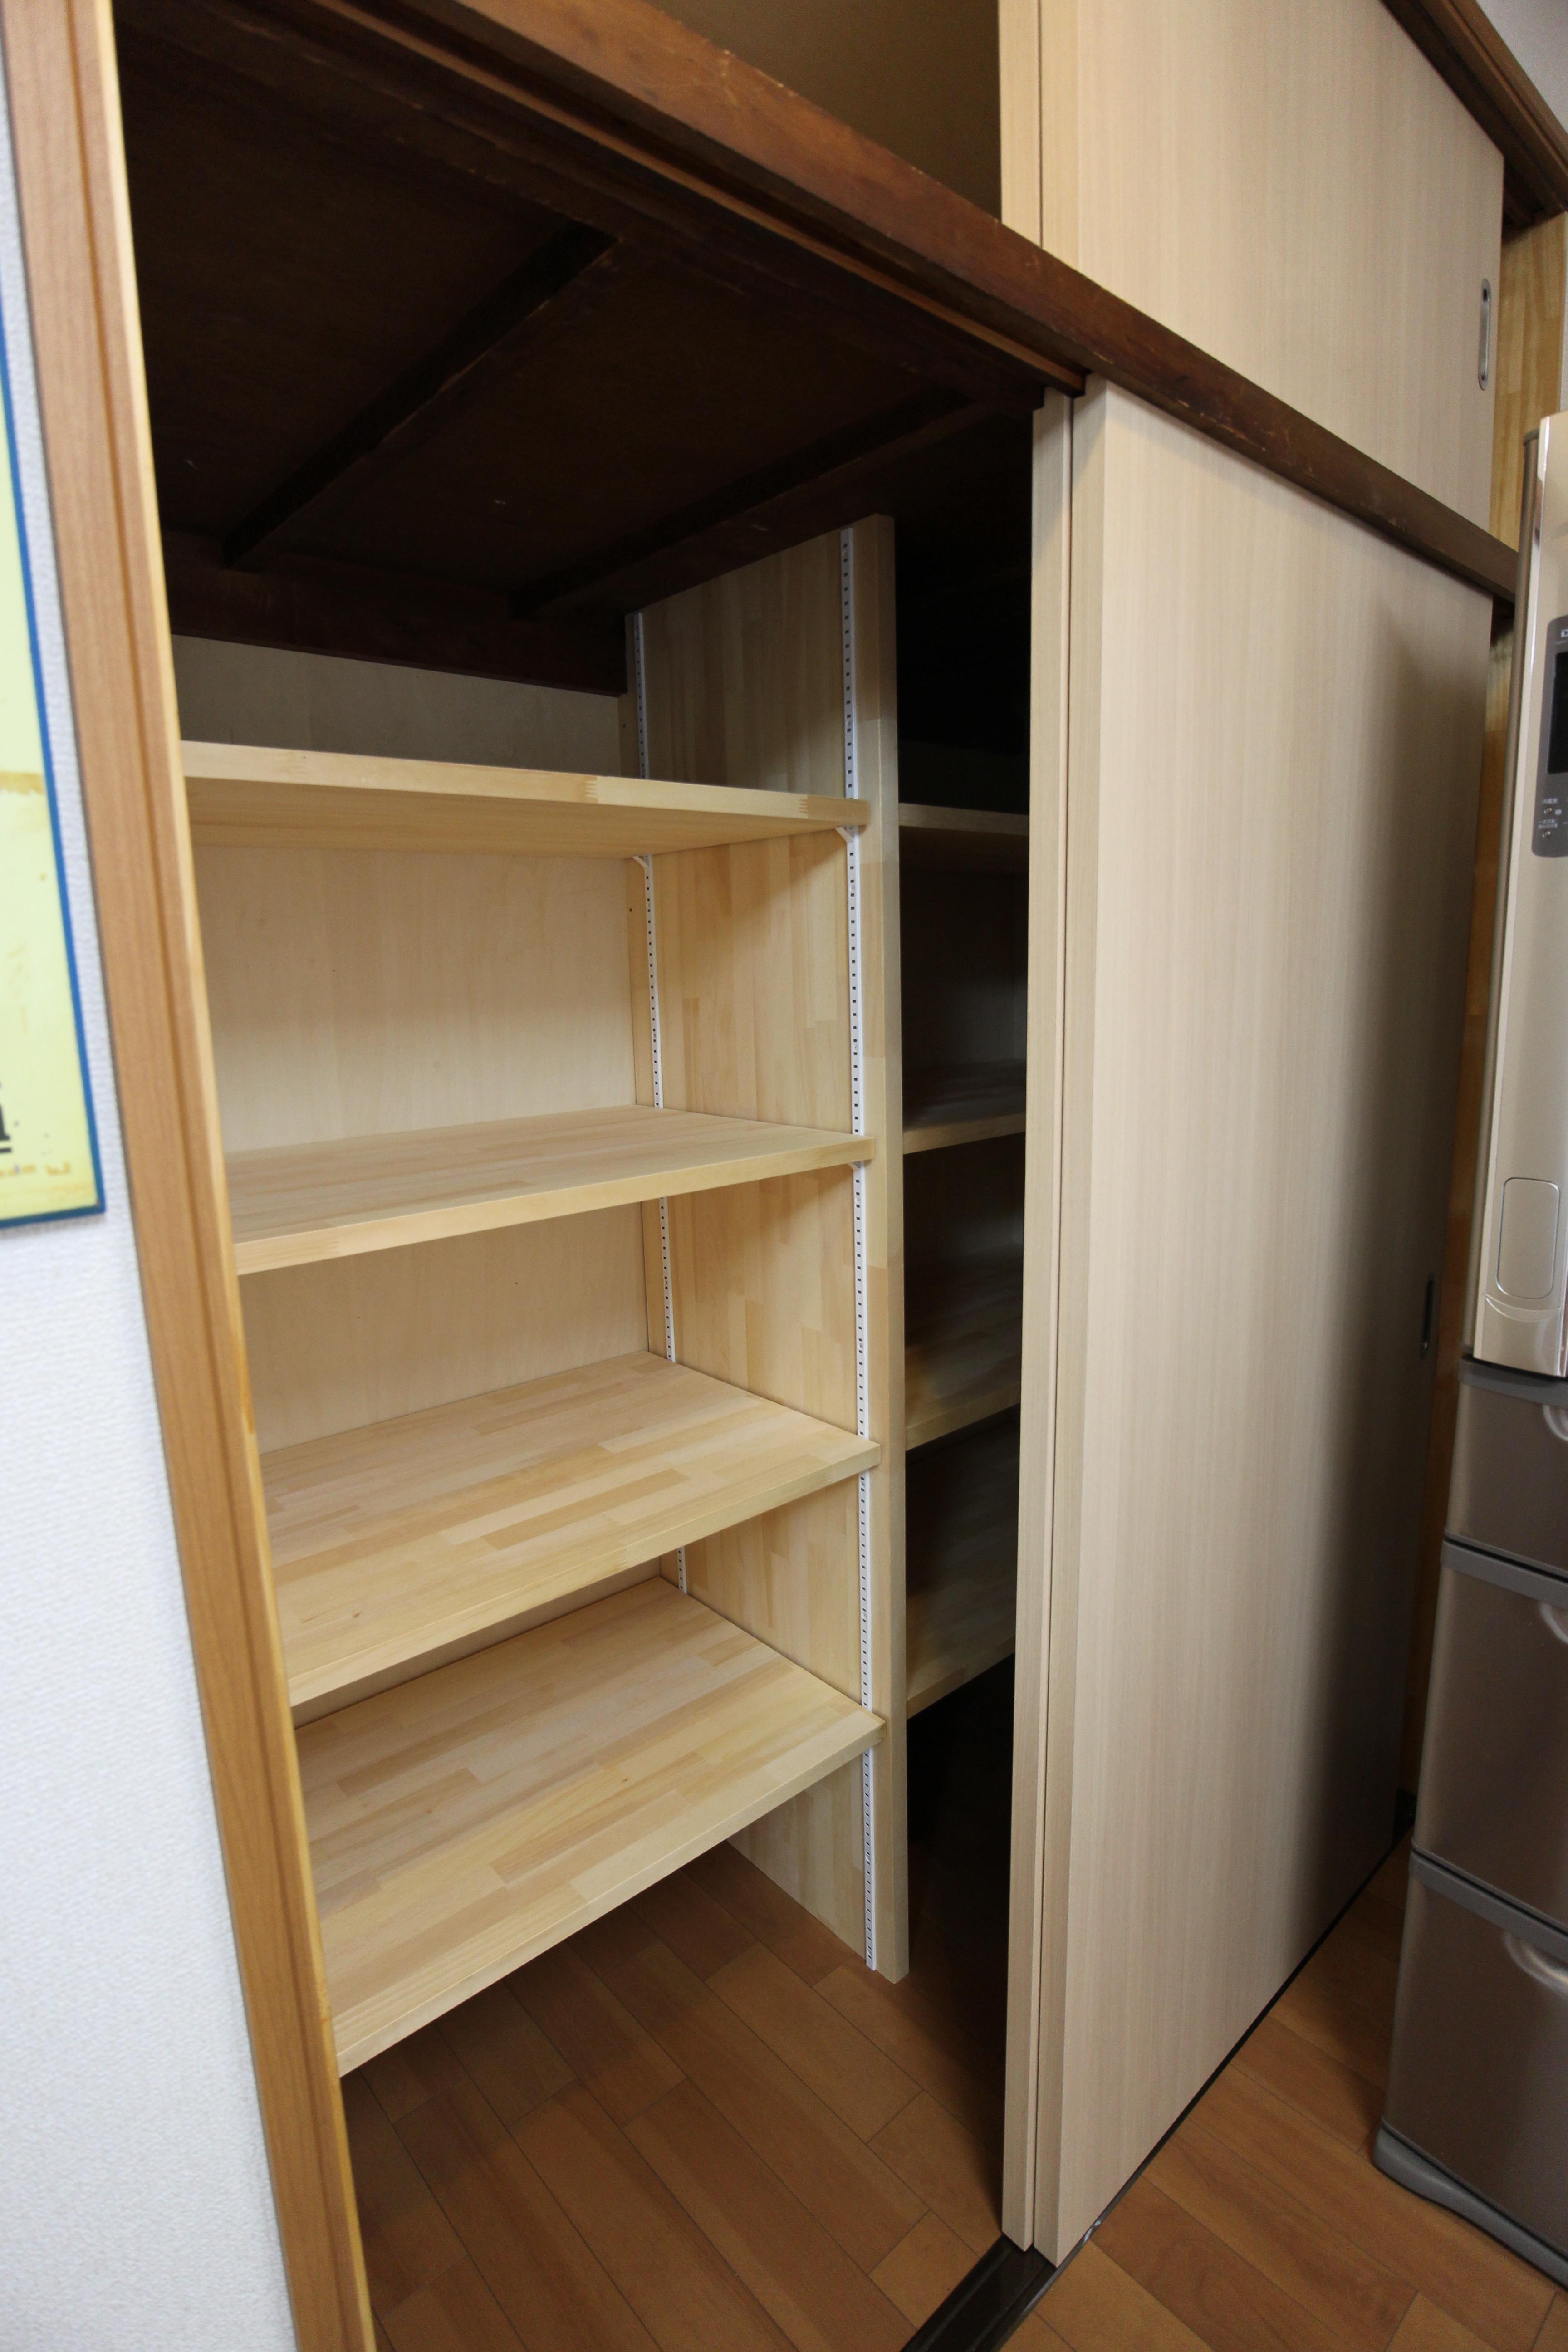 after<br> 可動式の棚板のある収納棚を設置しました